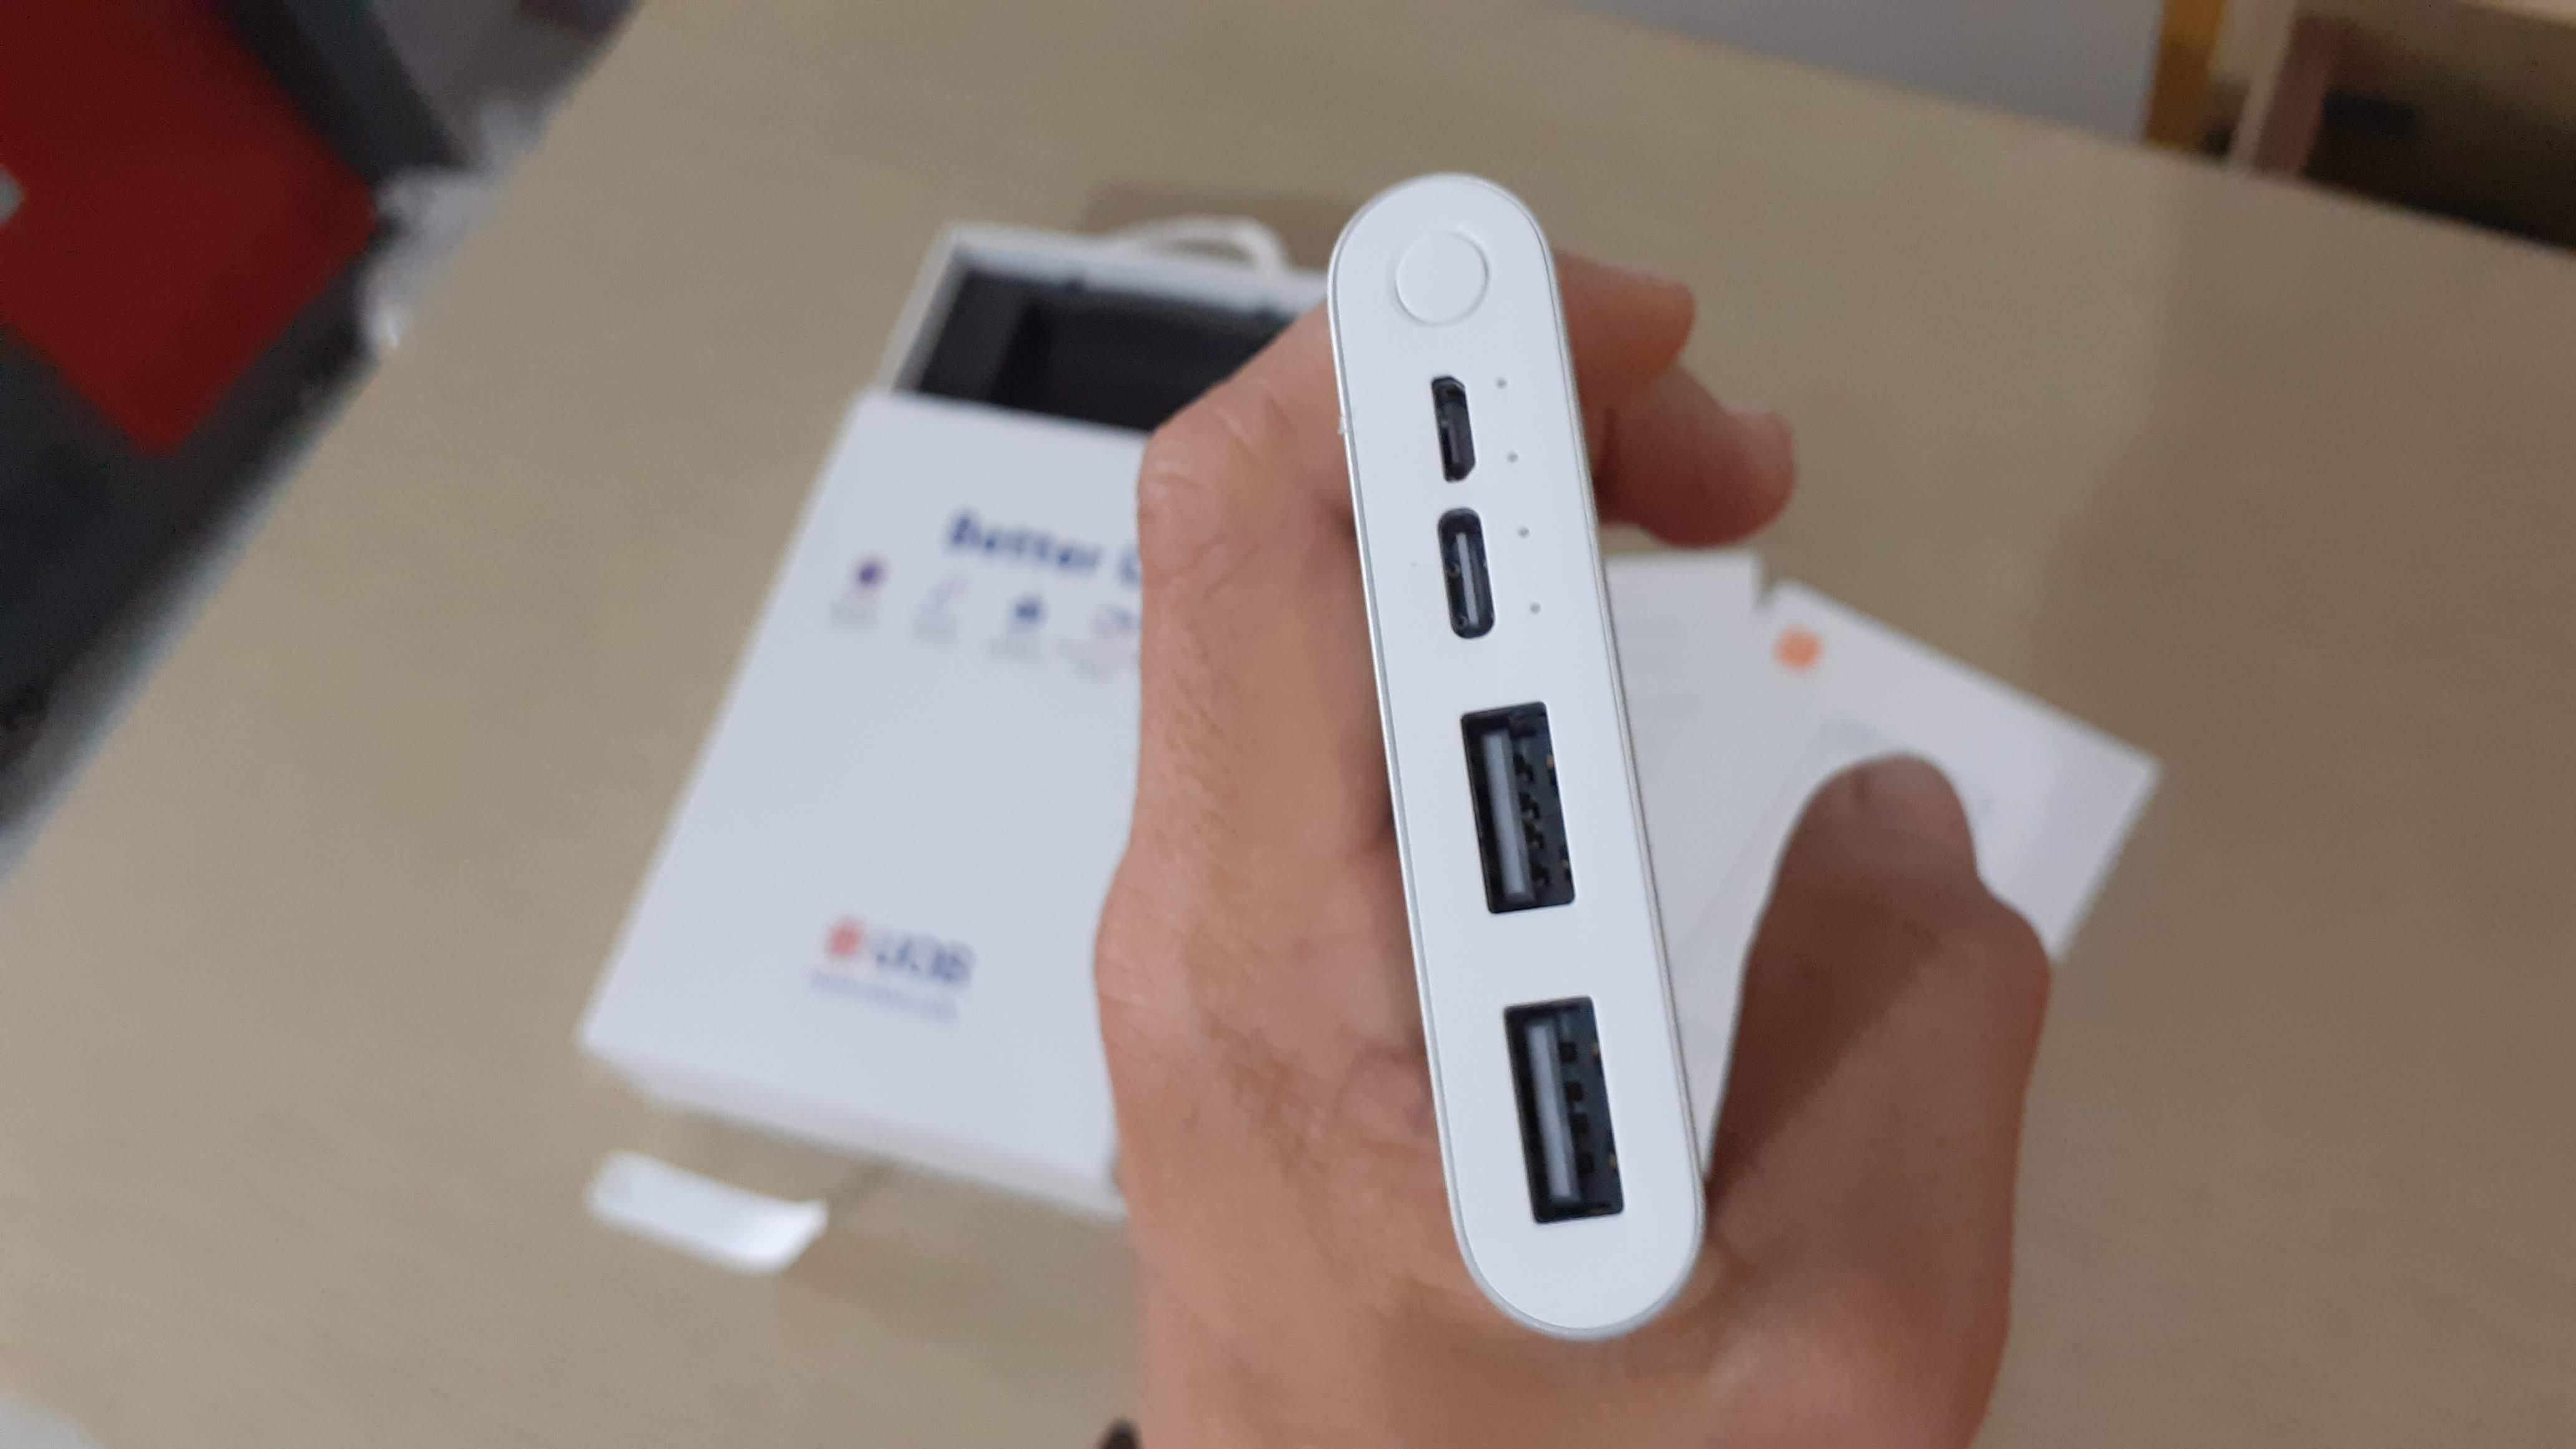 Pin Sac Du Phong Xiaomi Gen3 10000mAh (19)